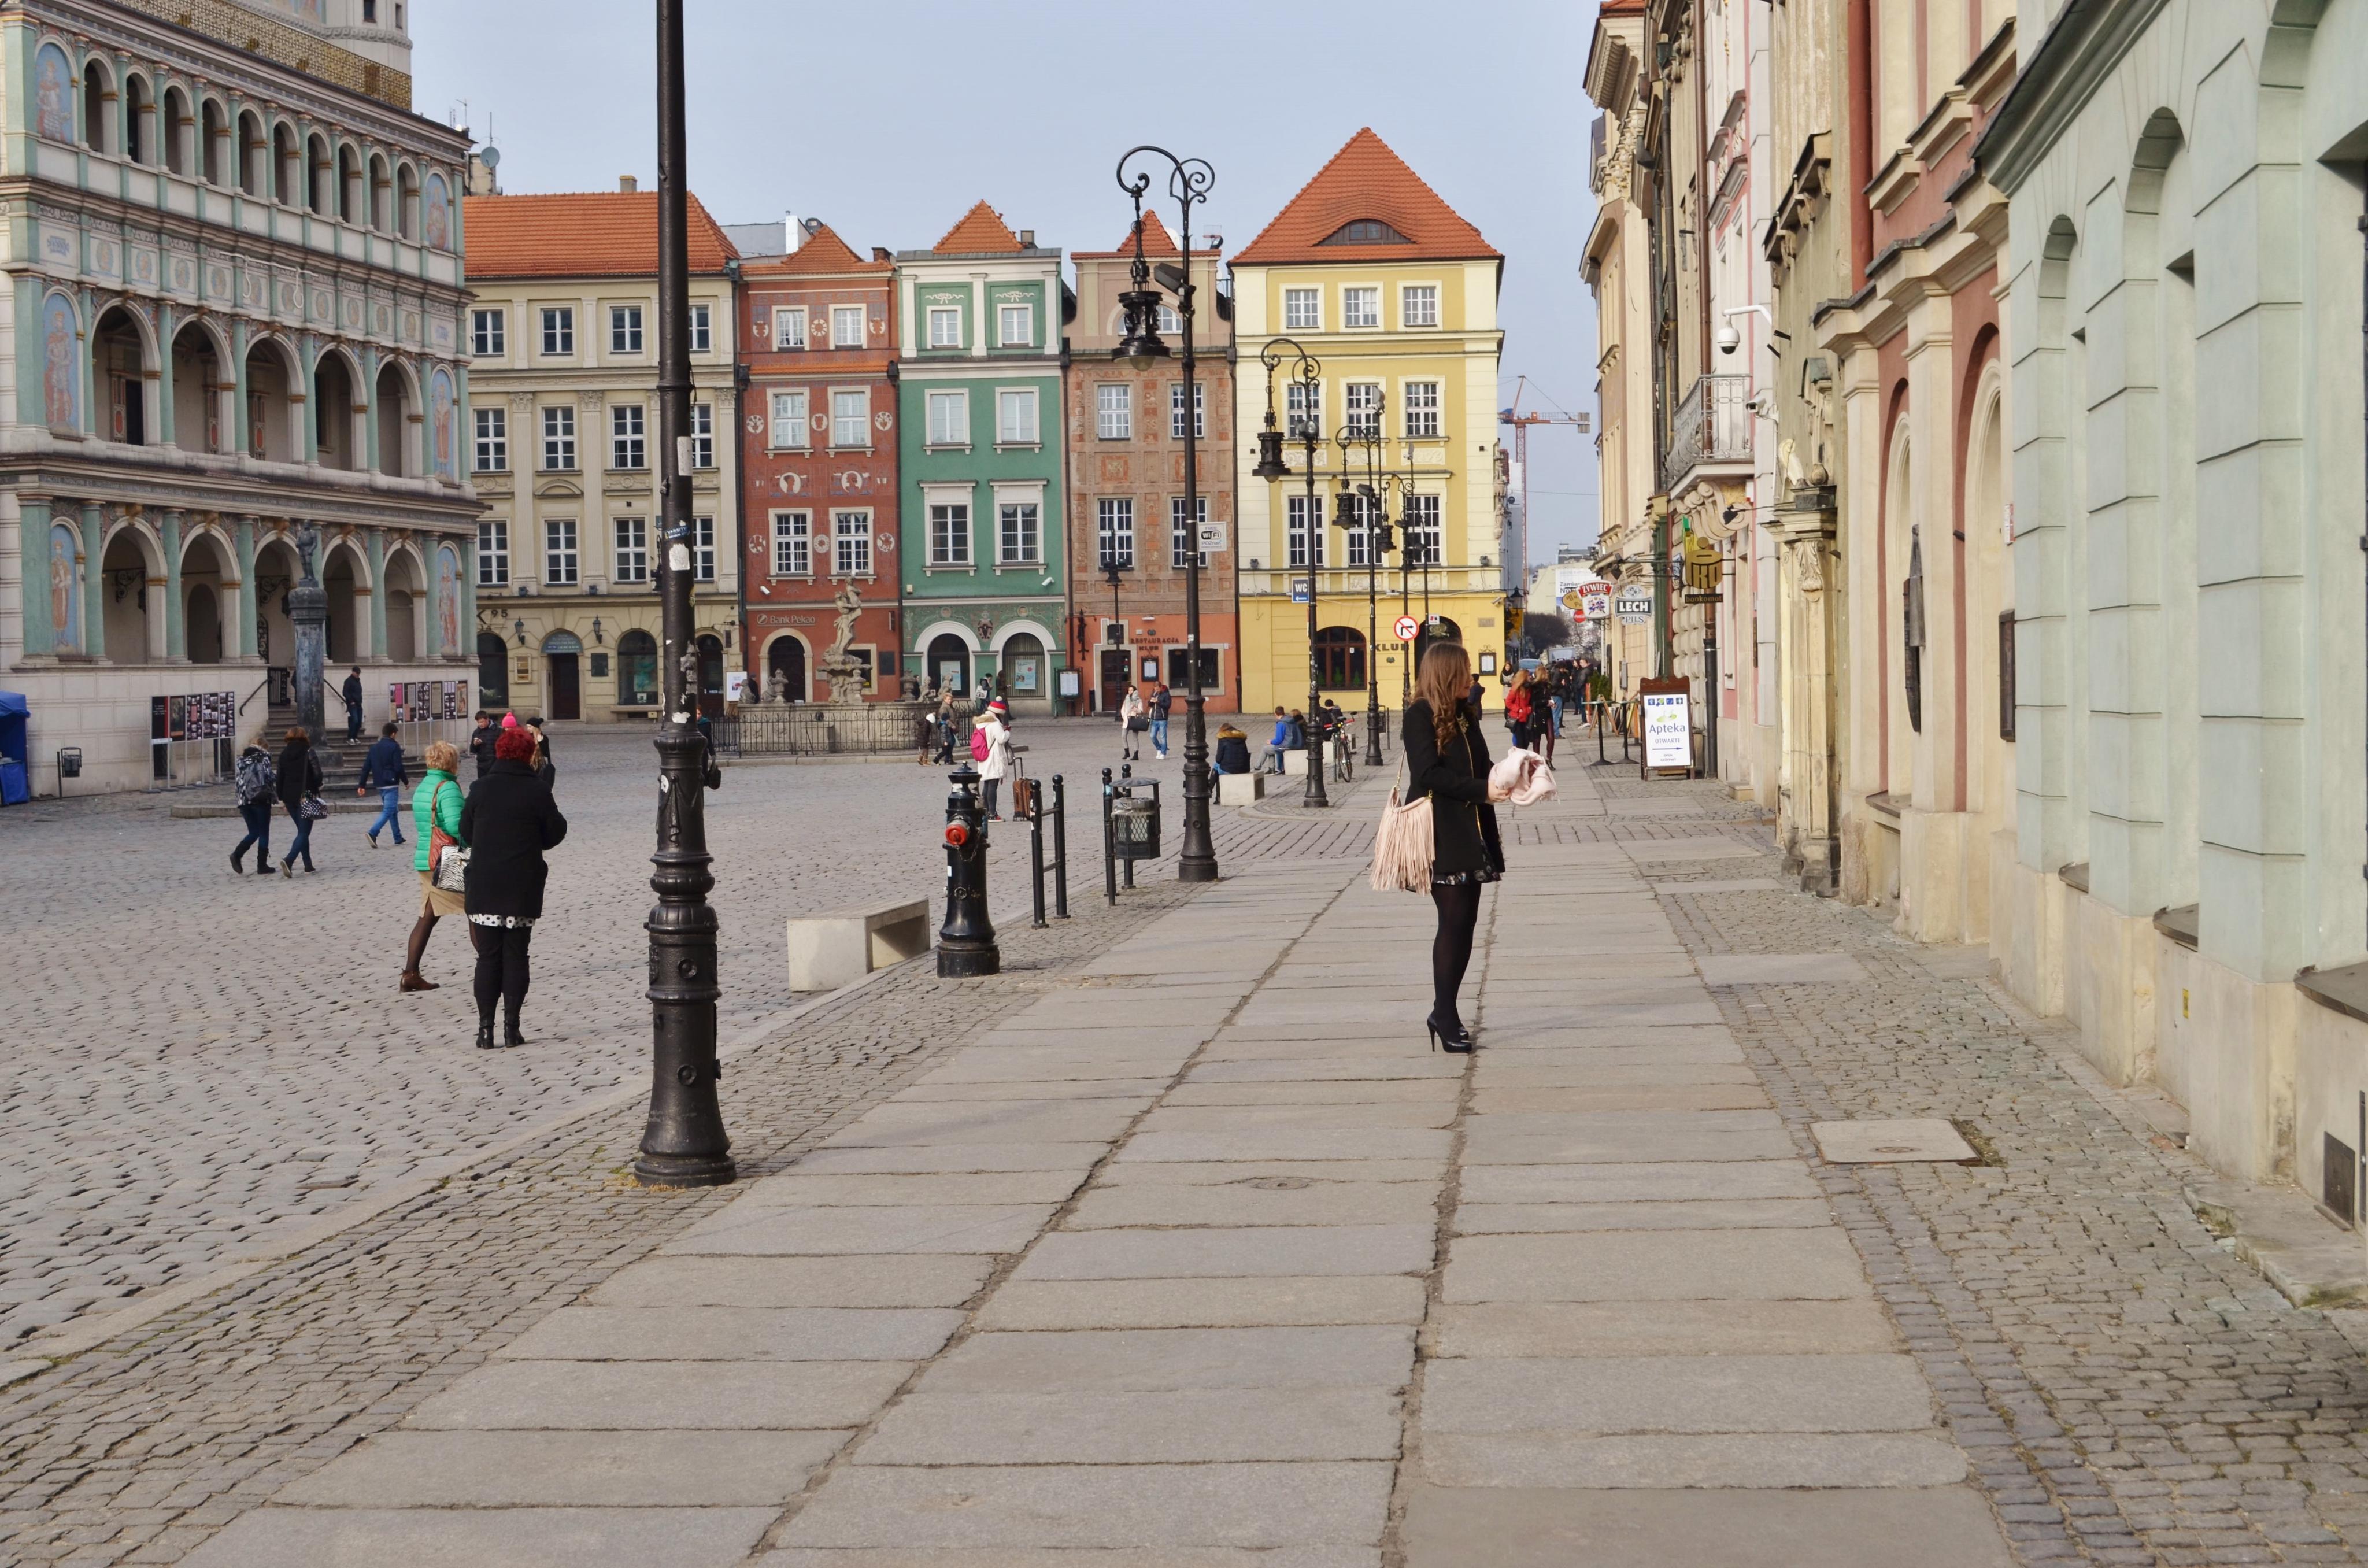 Flower print skirt and fringe bag in the city!